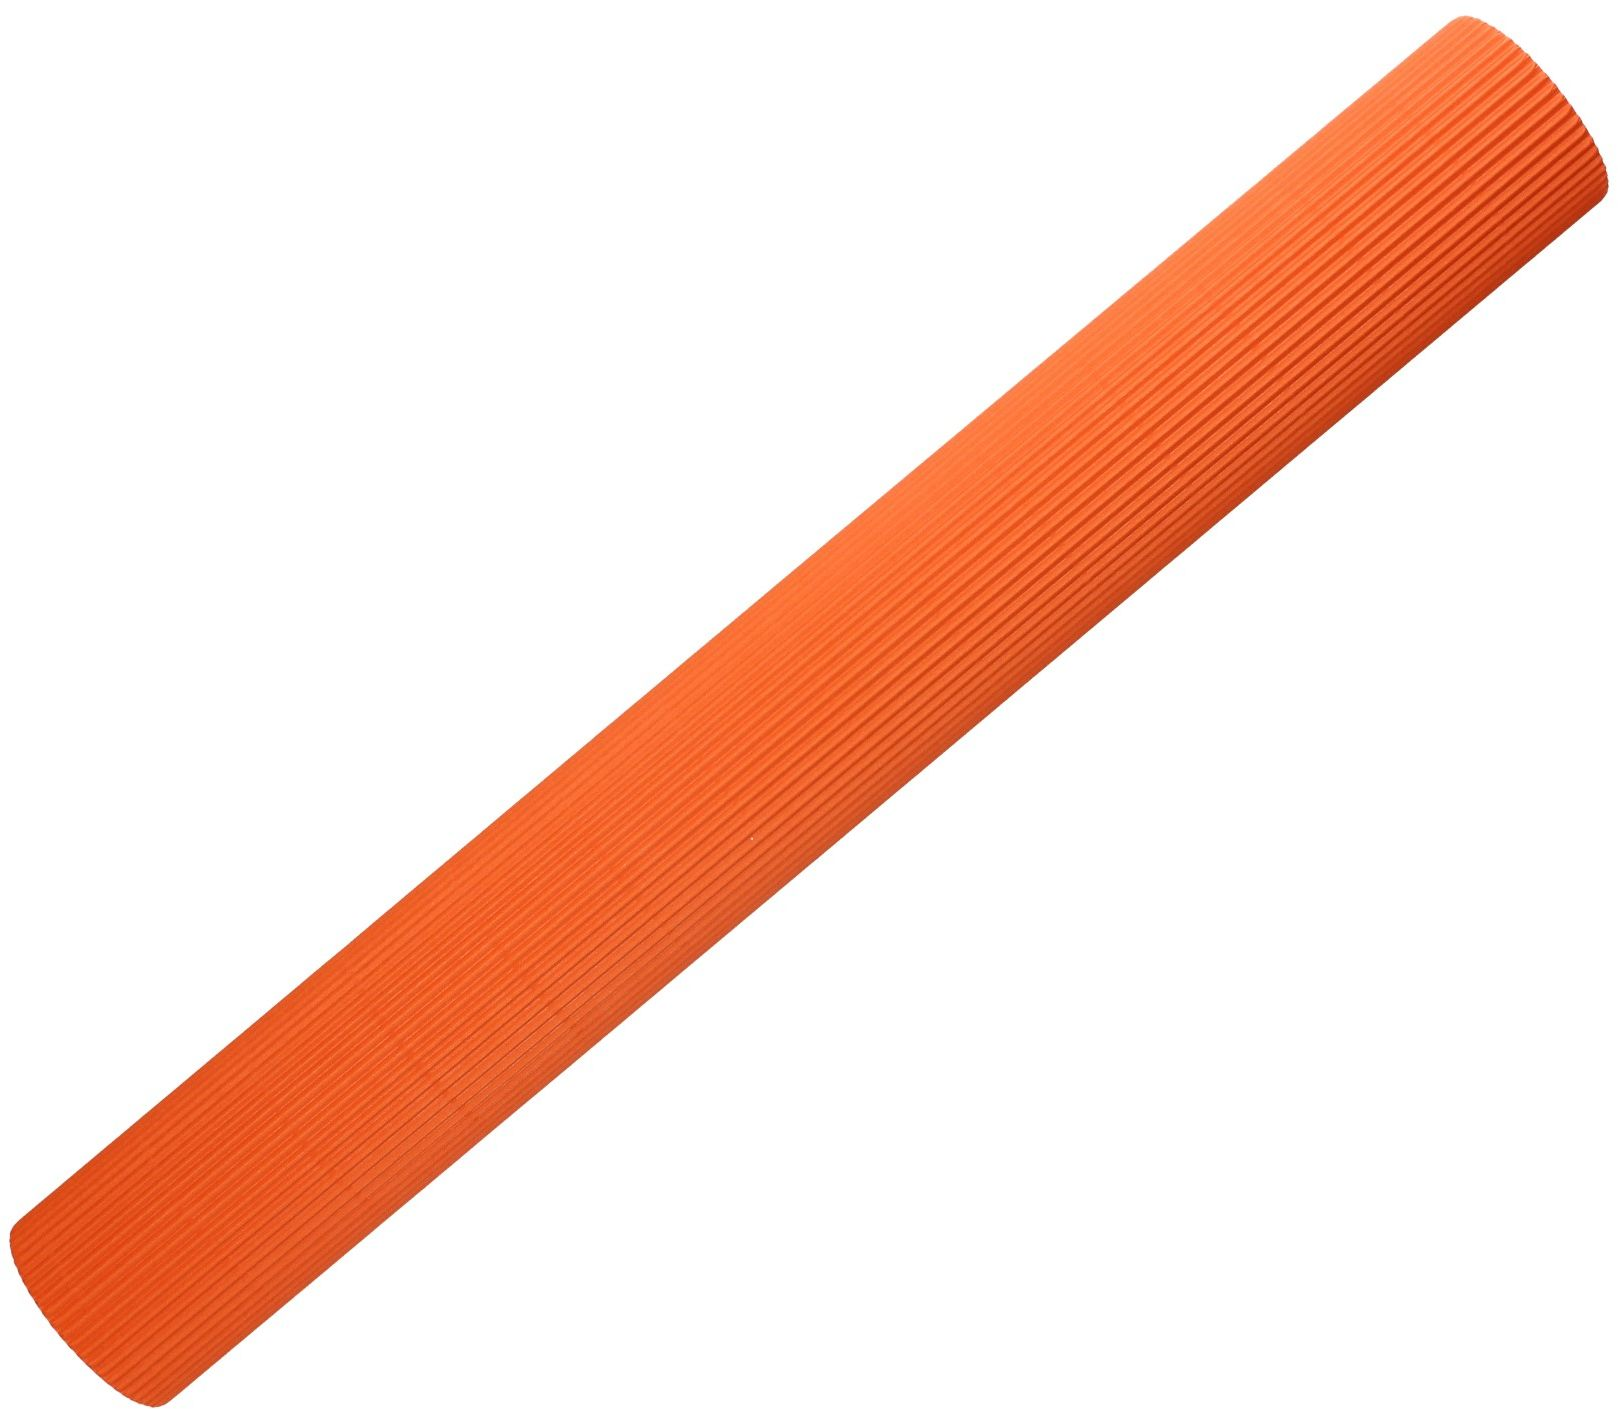 Tektura falista 50x70 pomarańczowa 709 Bambino